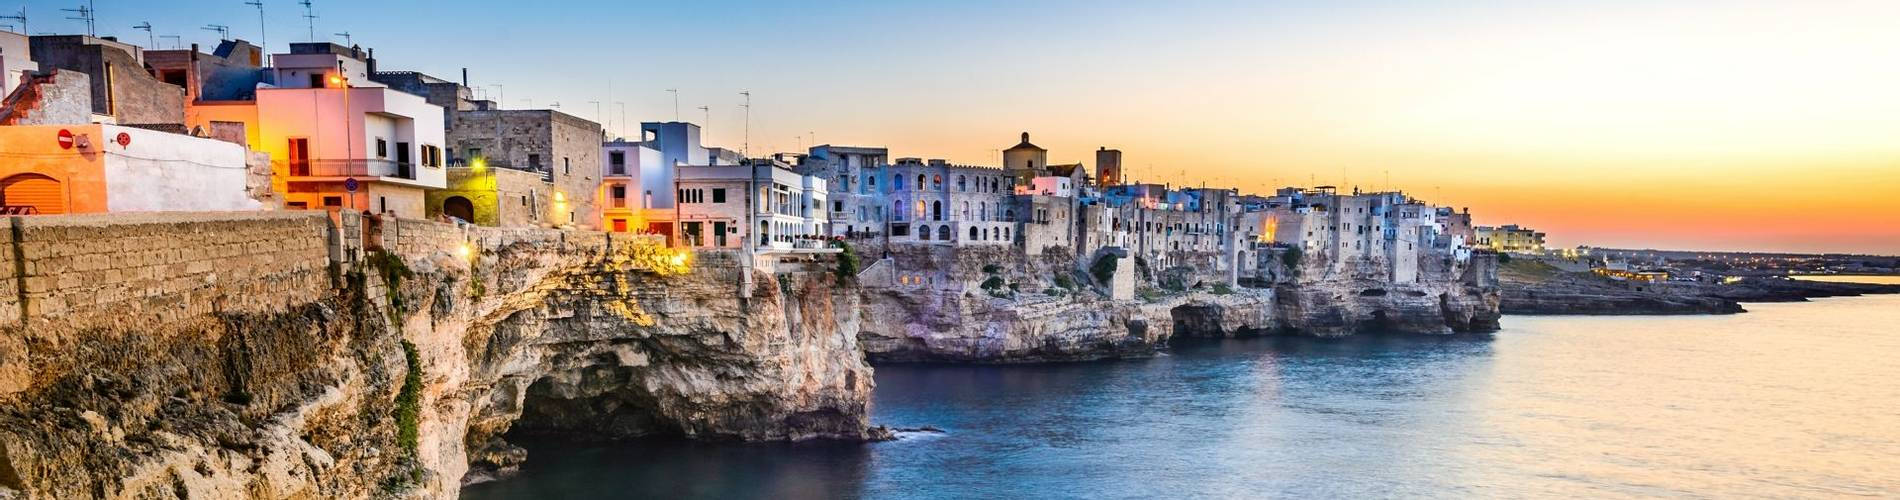 Polignano a Mare, Bari, Apulia.jpg